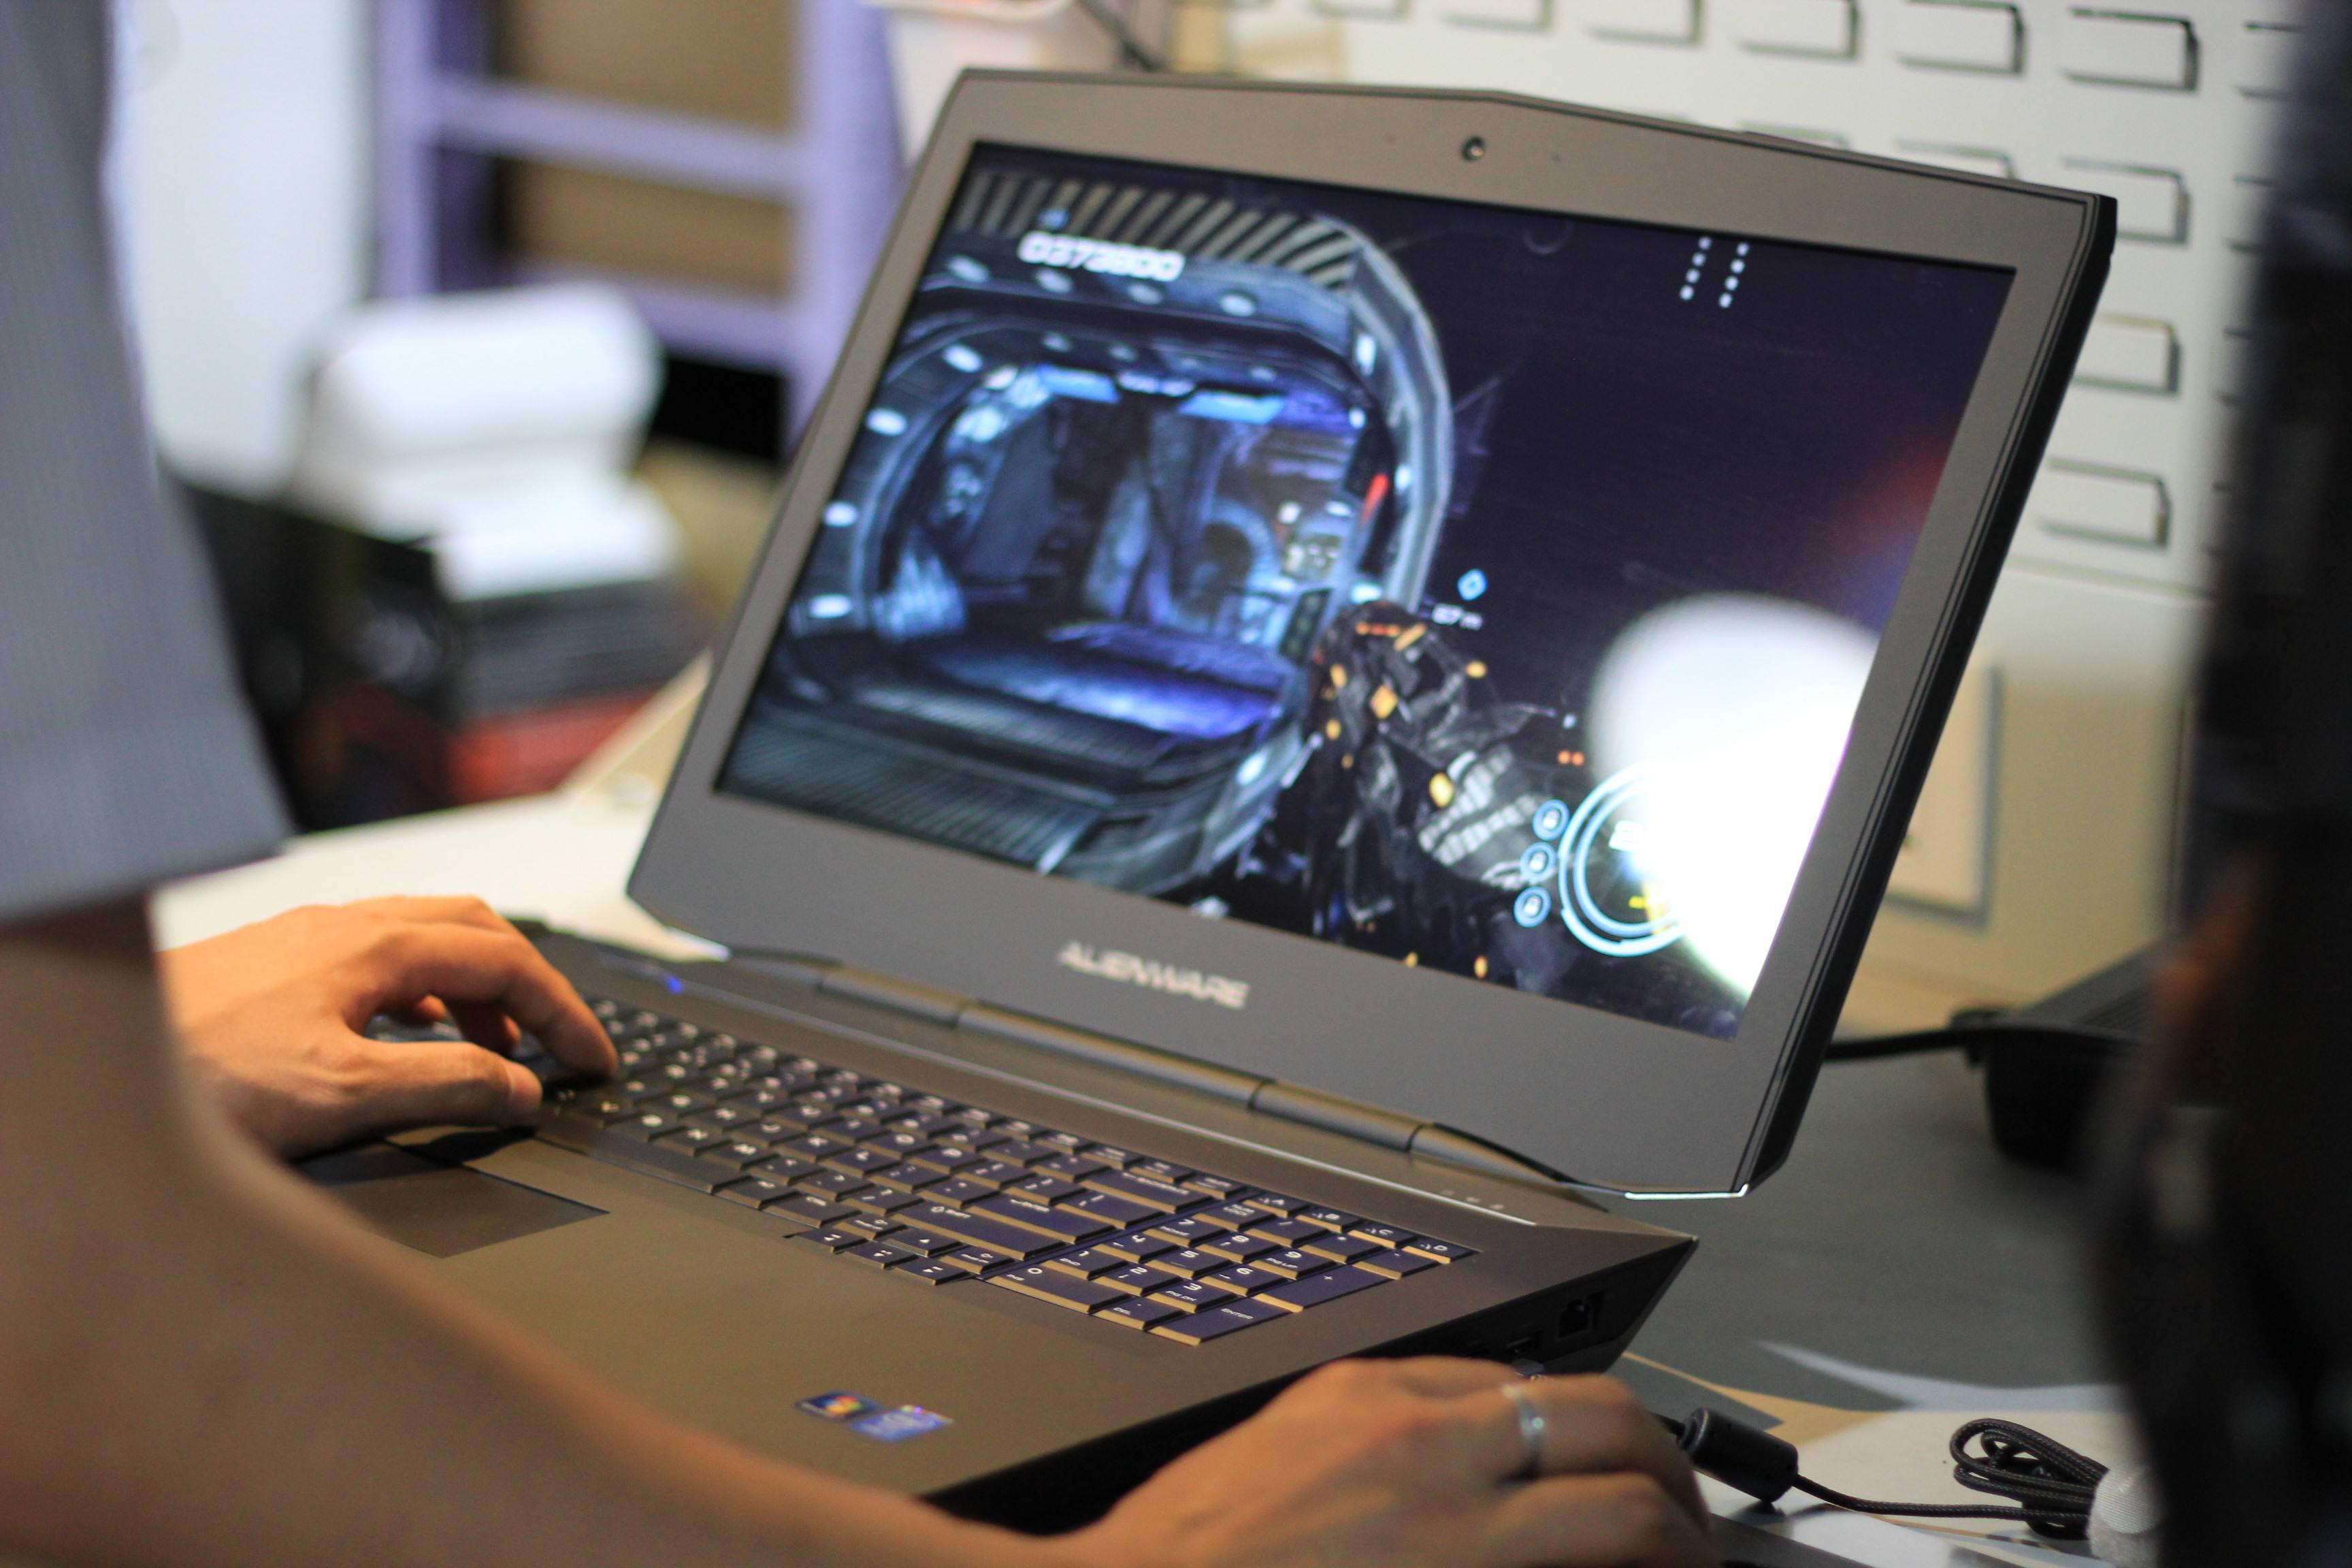 什么笔记本玩游戏好_笔记本玩游戏画面间歇卡顿的终极解决方案 附ThrottleStop使用教程 ...